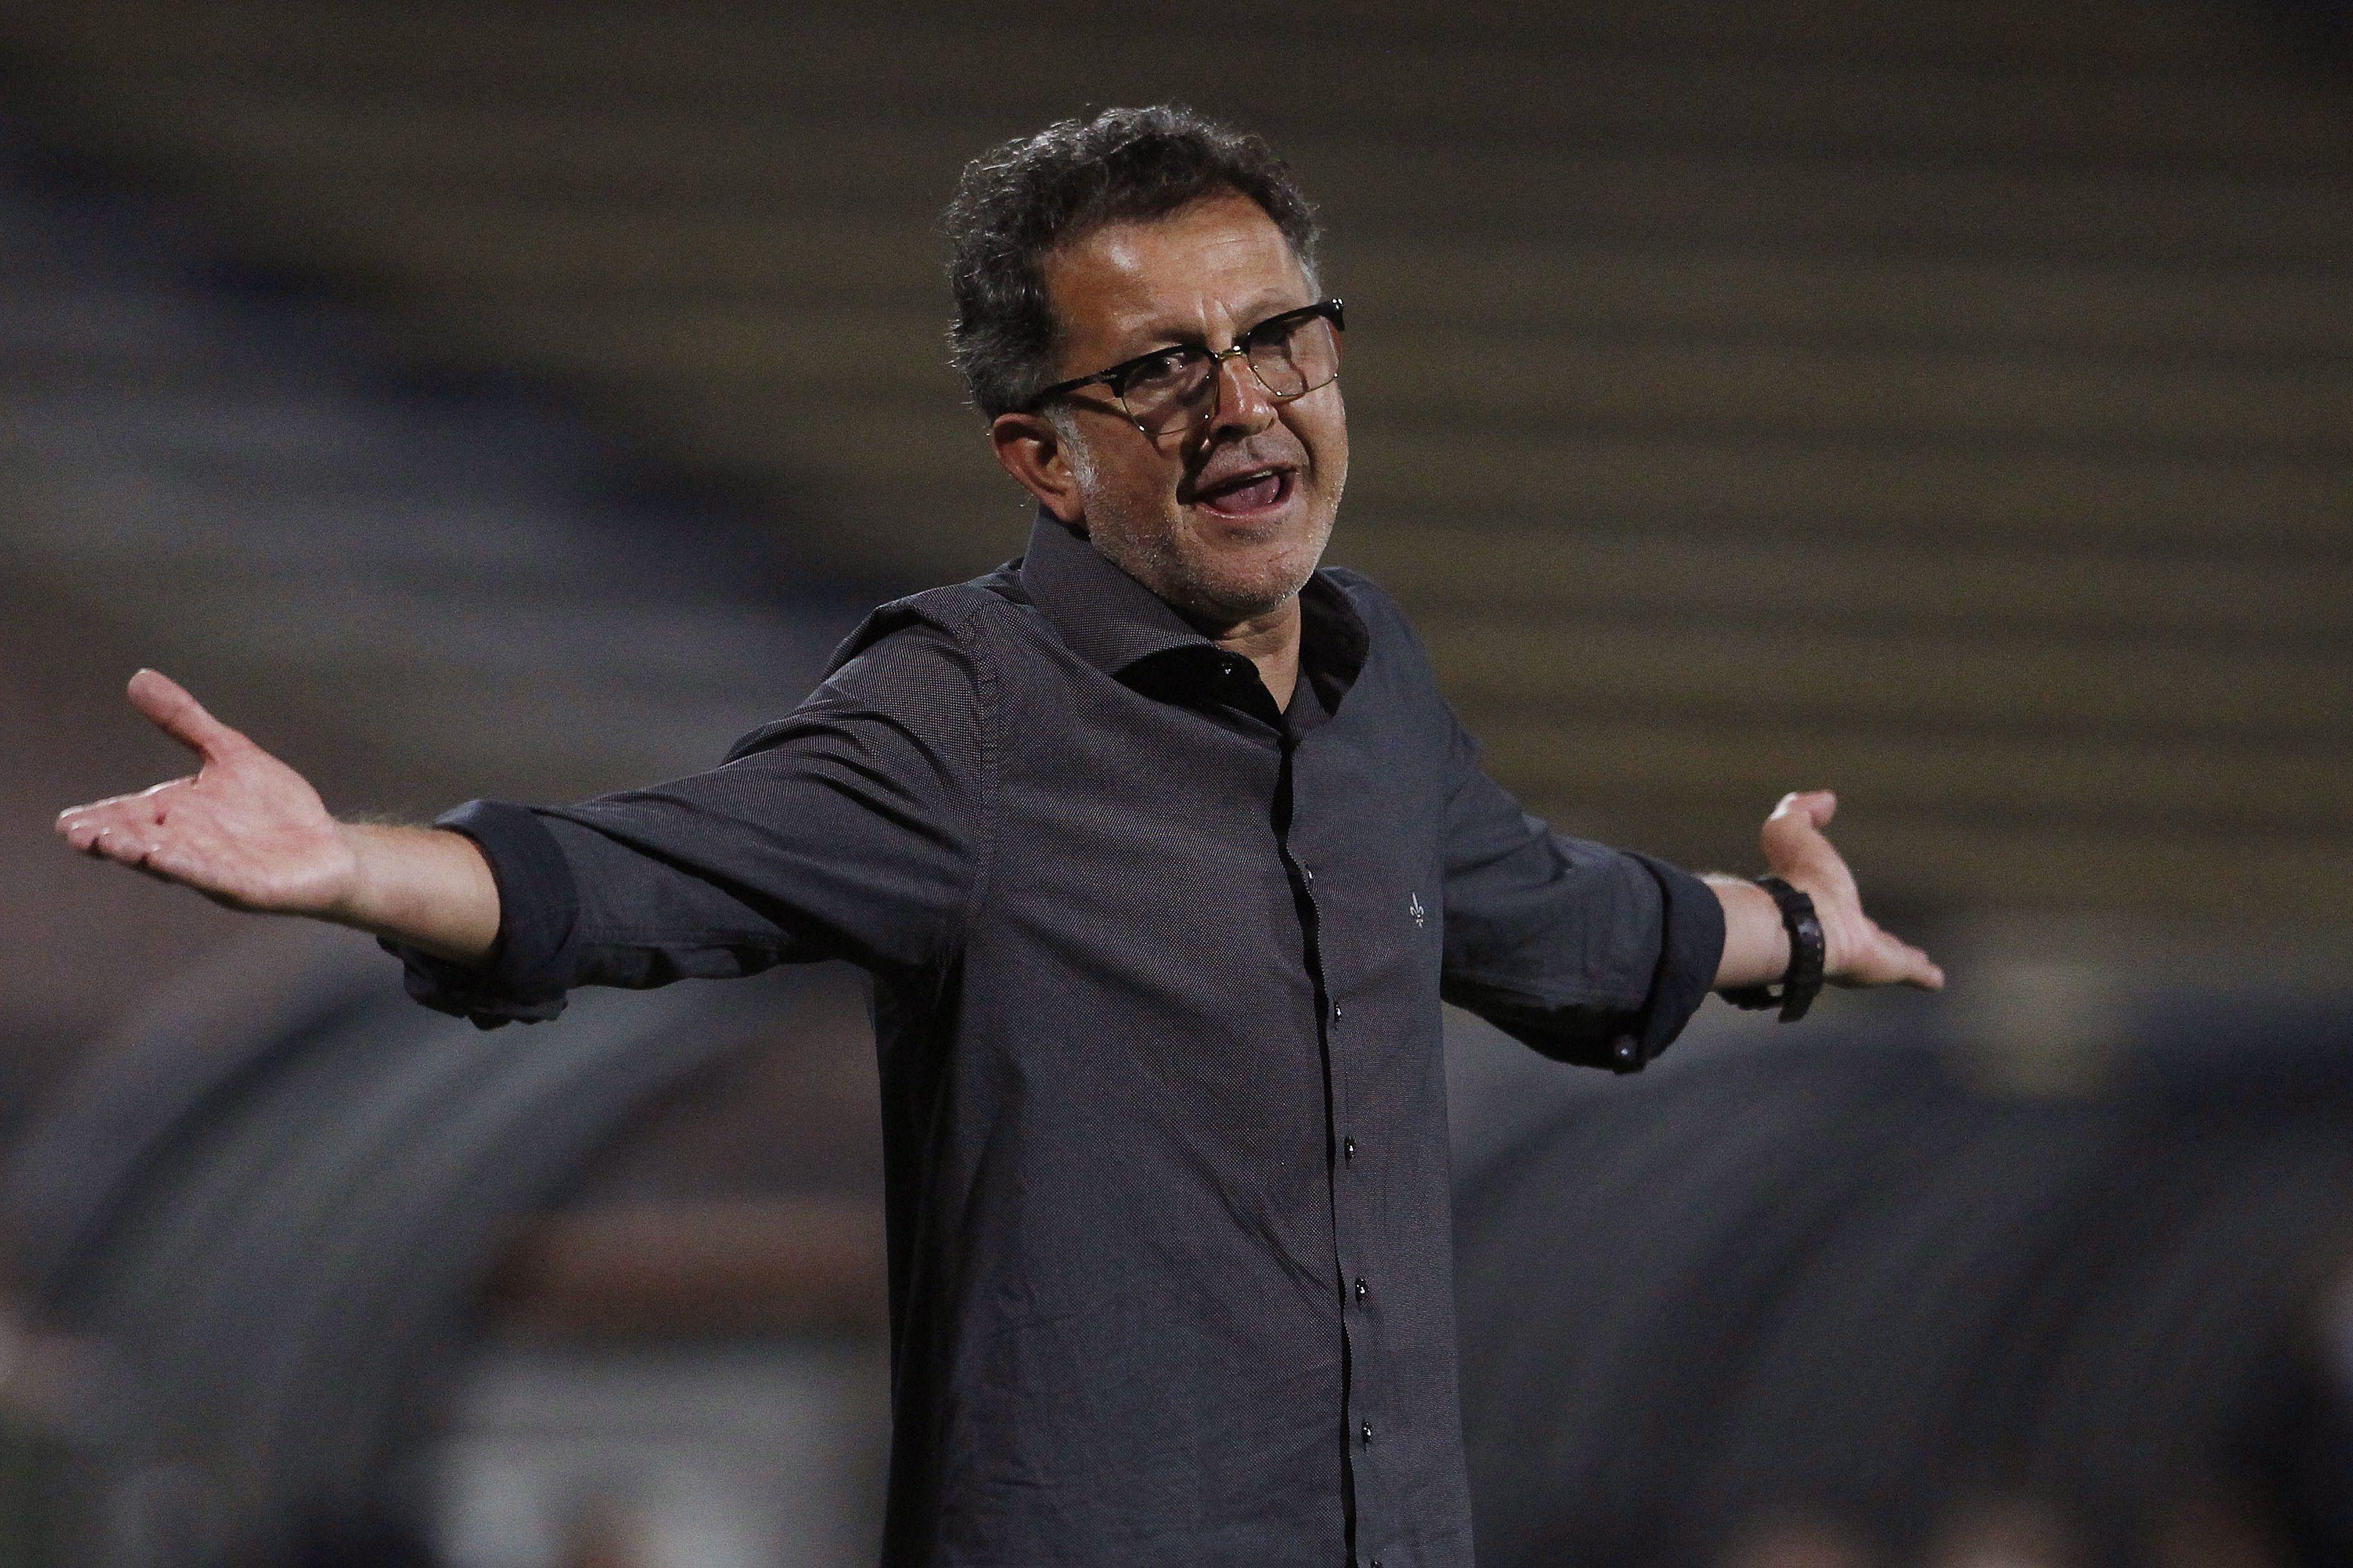 Fotografía de archivo en la que se registró al director técnico del club colombiano de fútbol América, Juan Carlos Osorio. EFE/Luis Noriega